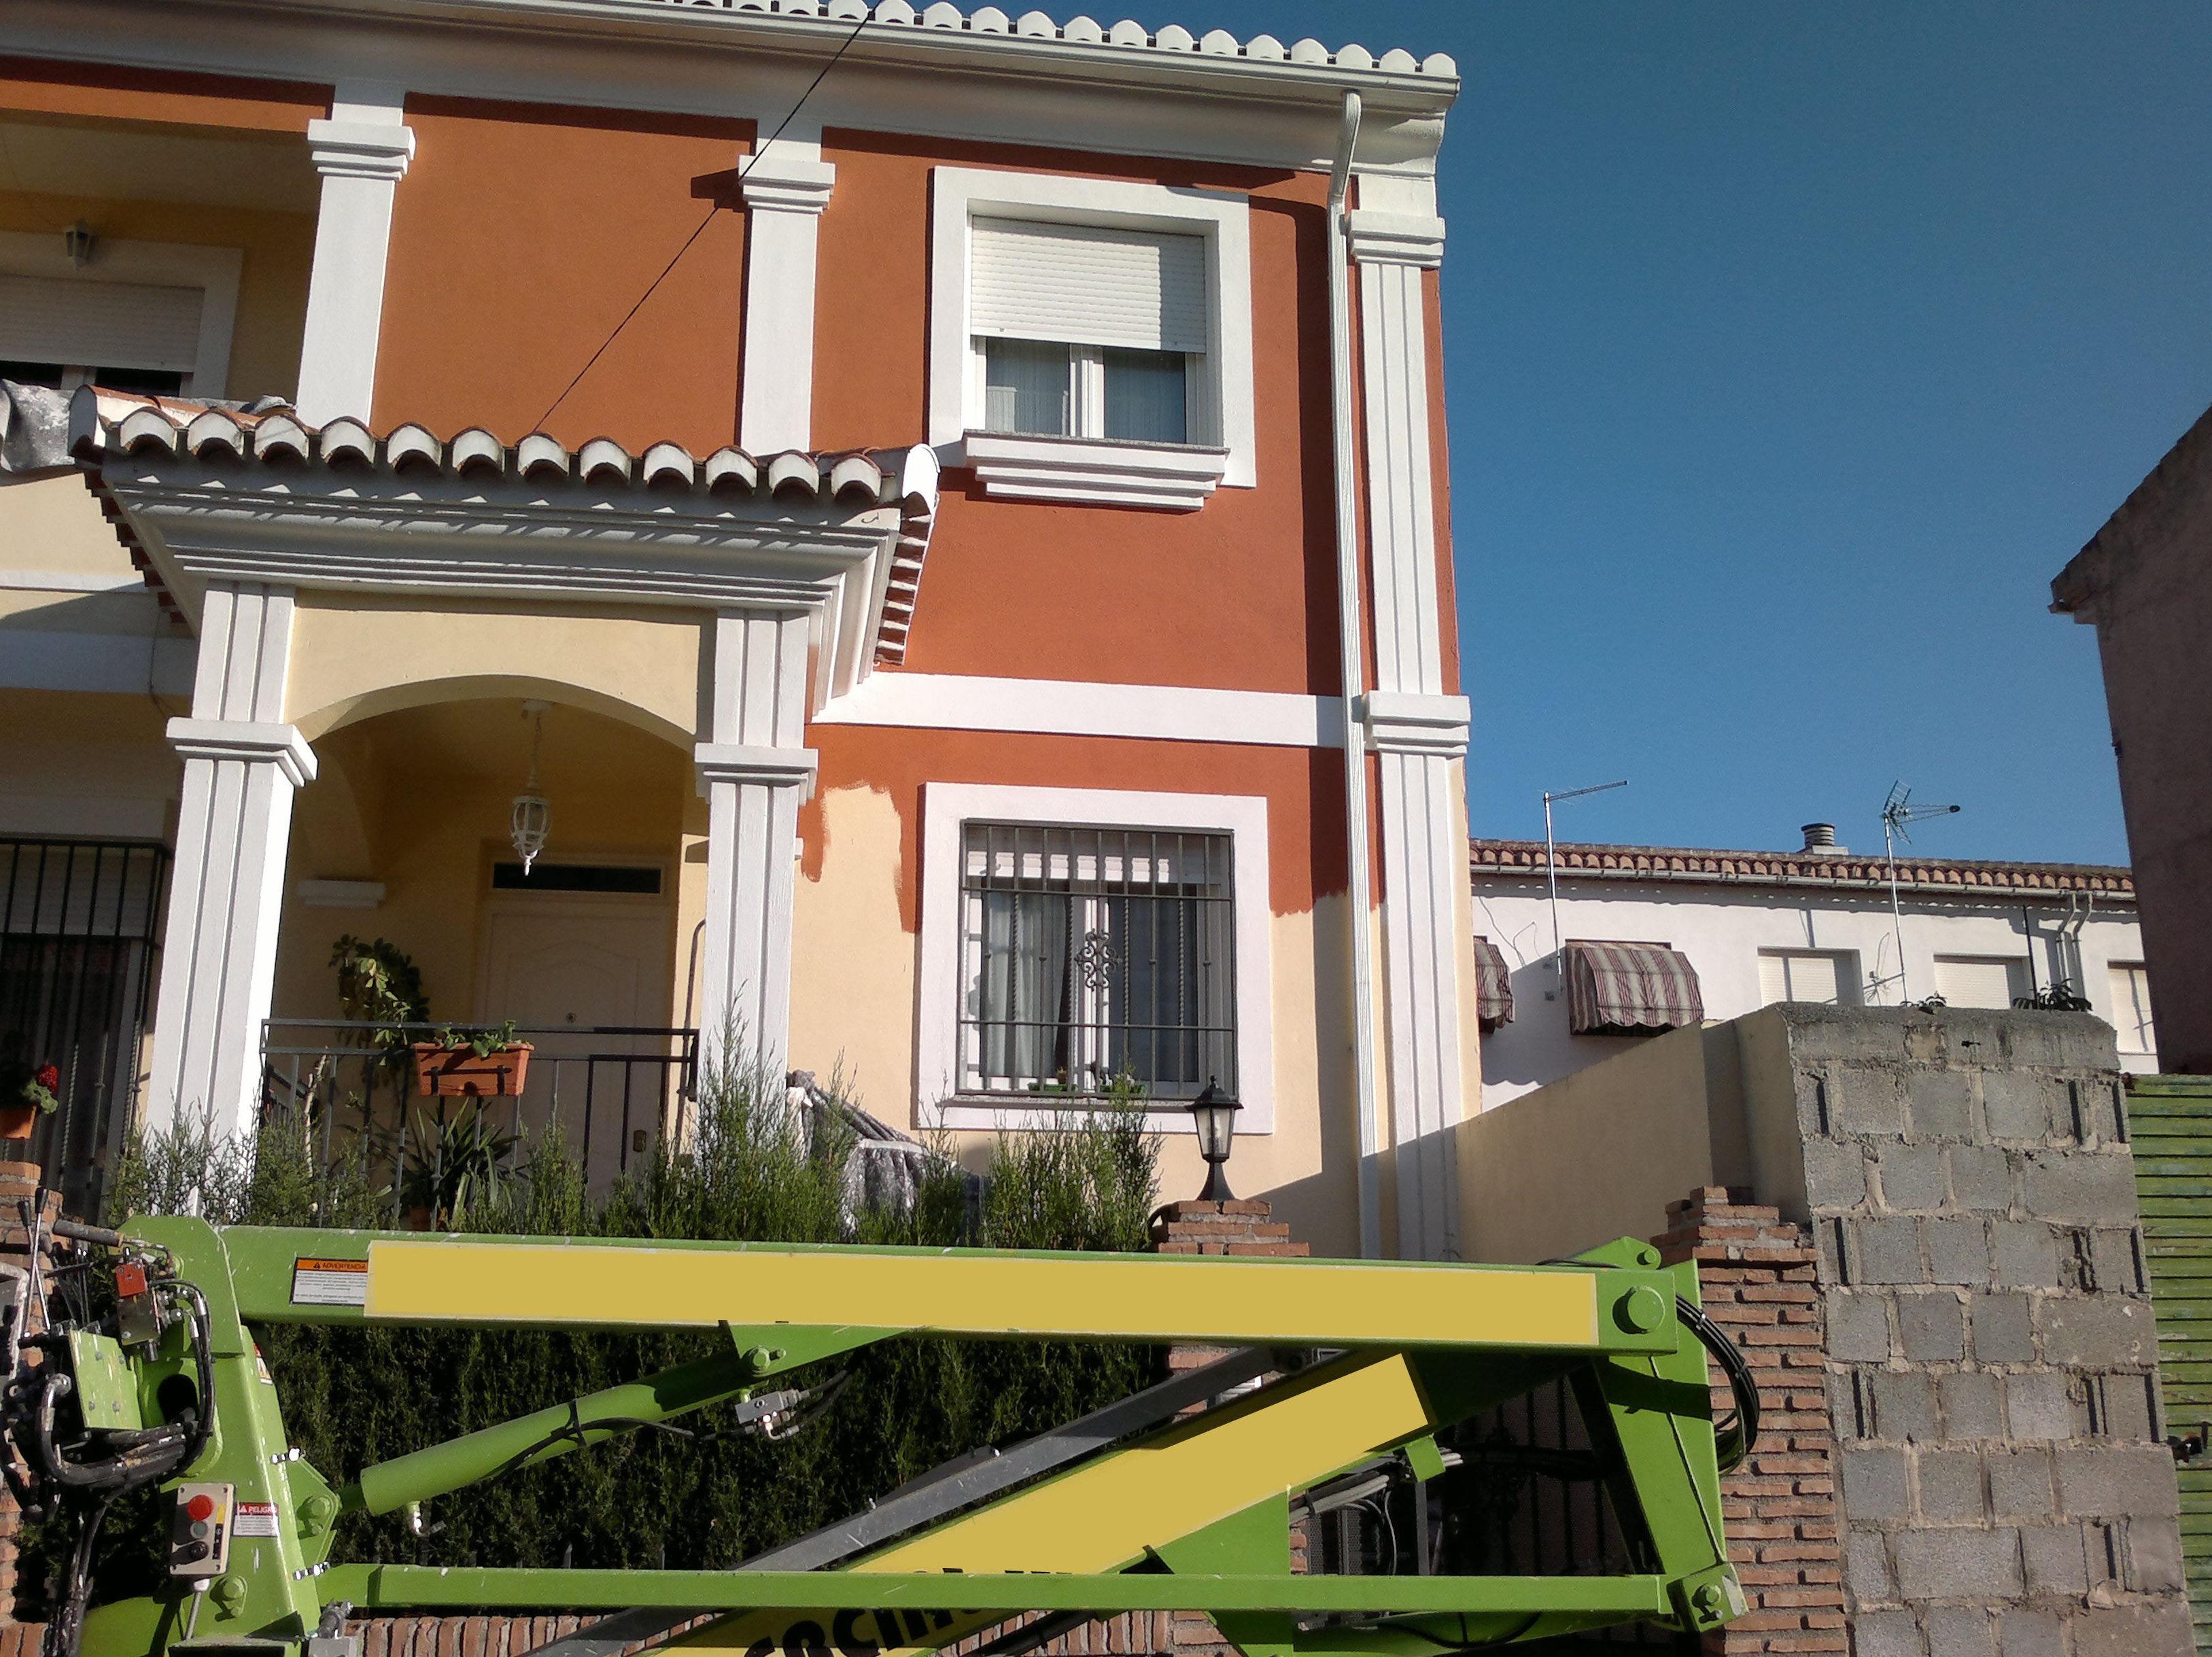 Pintura de fachadas de casas y edificios con elevador